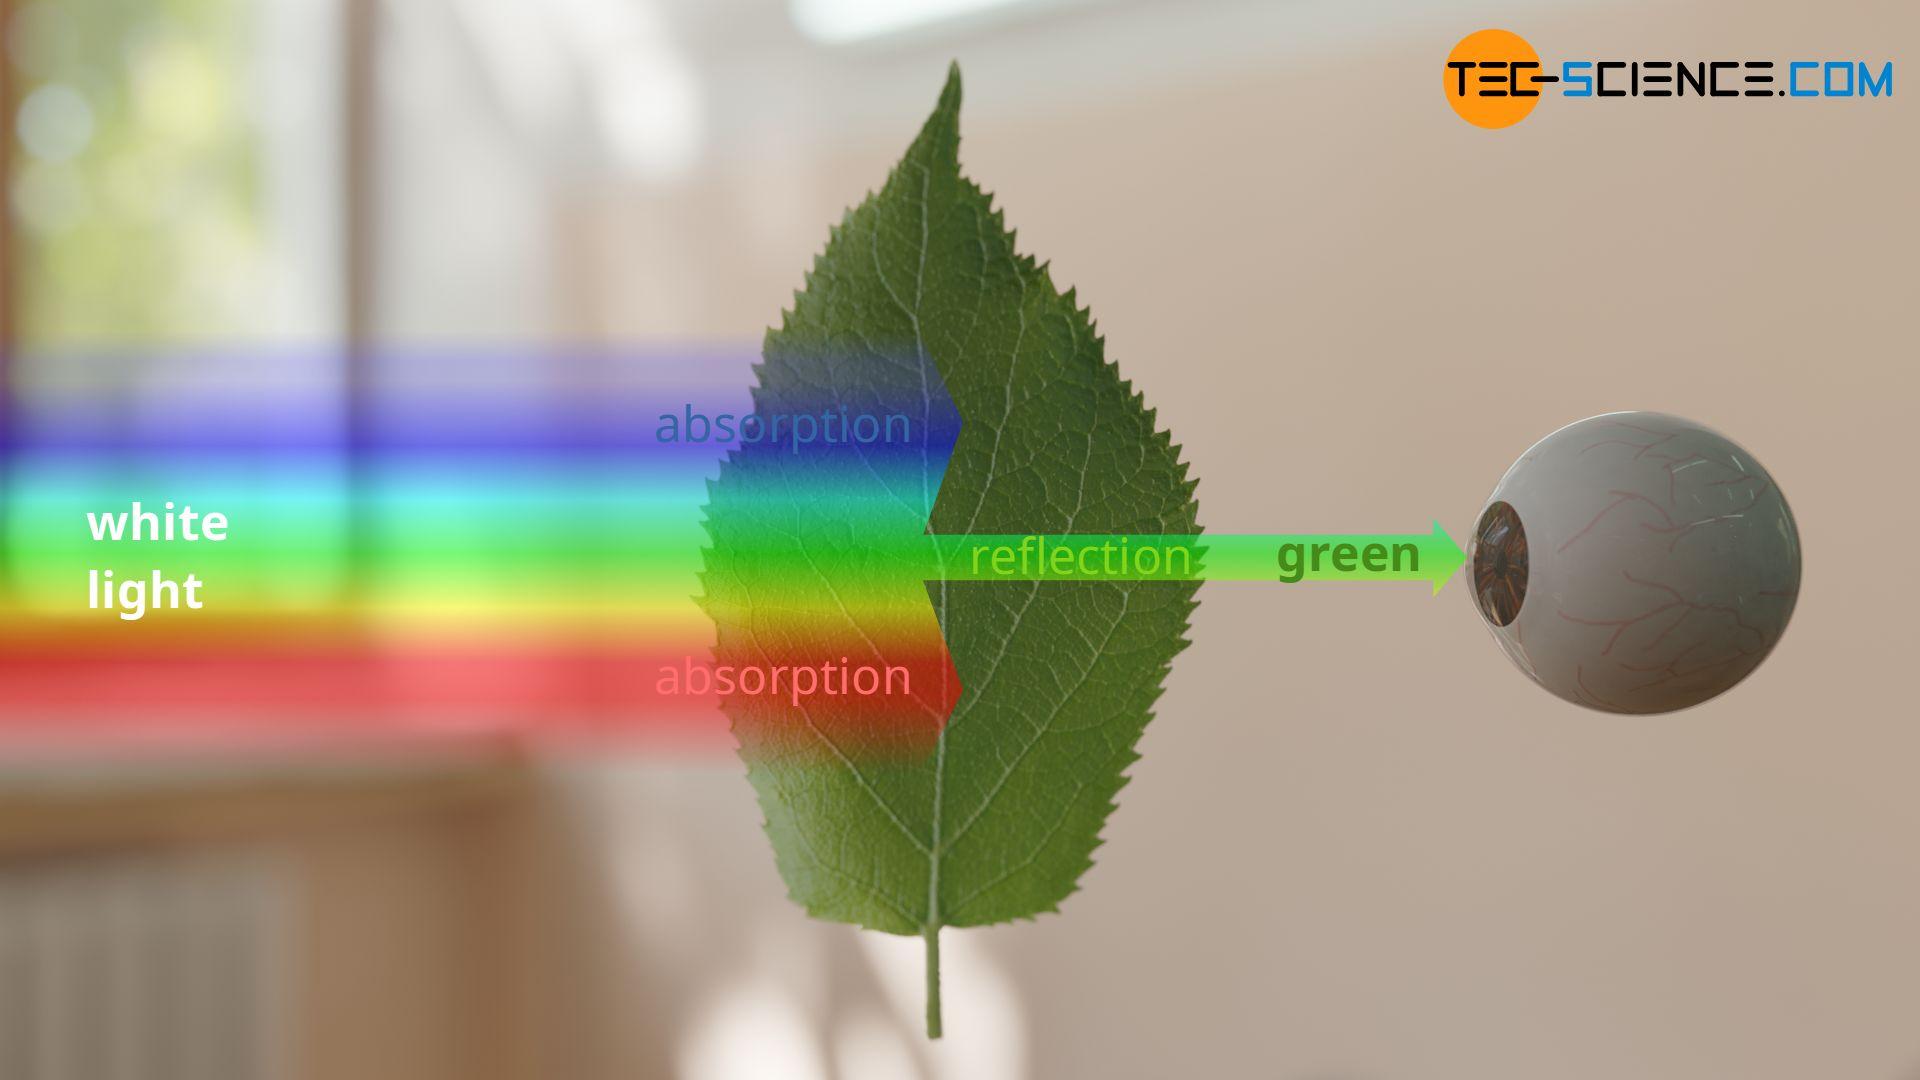 Color vision of a green leaf